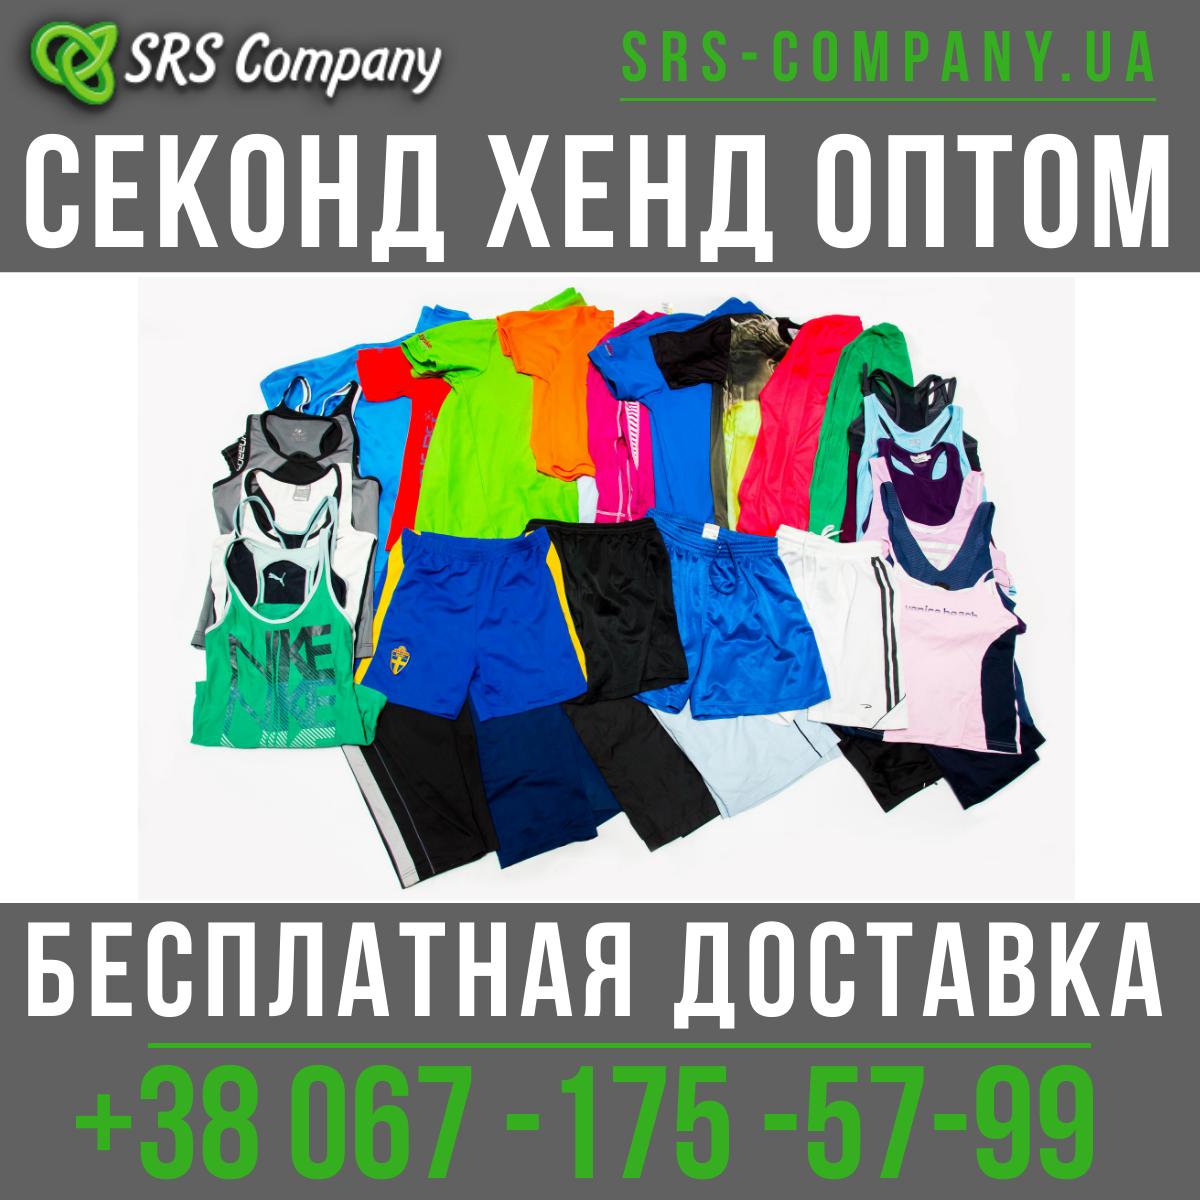 d41a70d2199 Спортивная одежда секонд хенд. Цена от 2 € кг + ДОСТАВКА - SRS Company